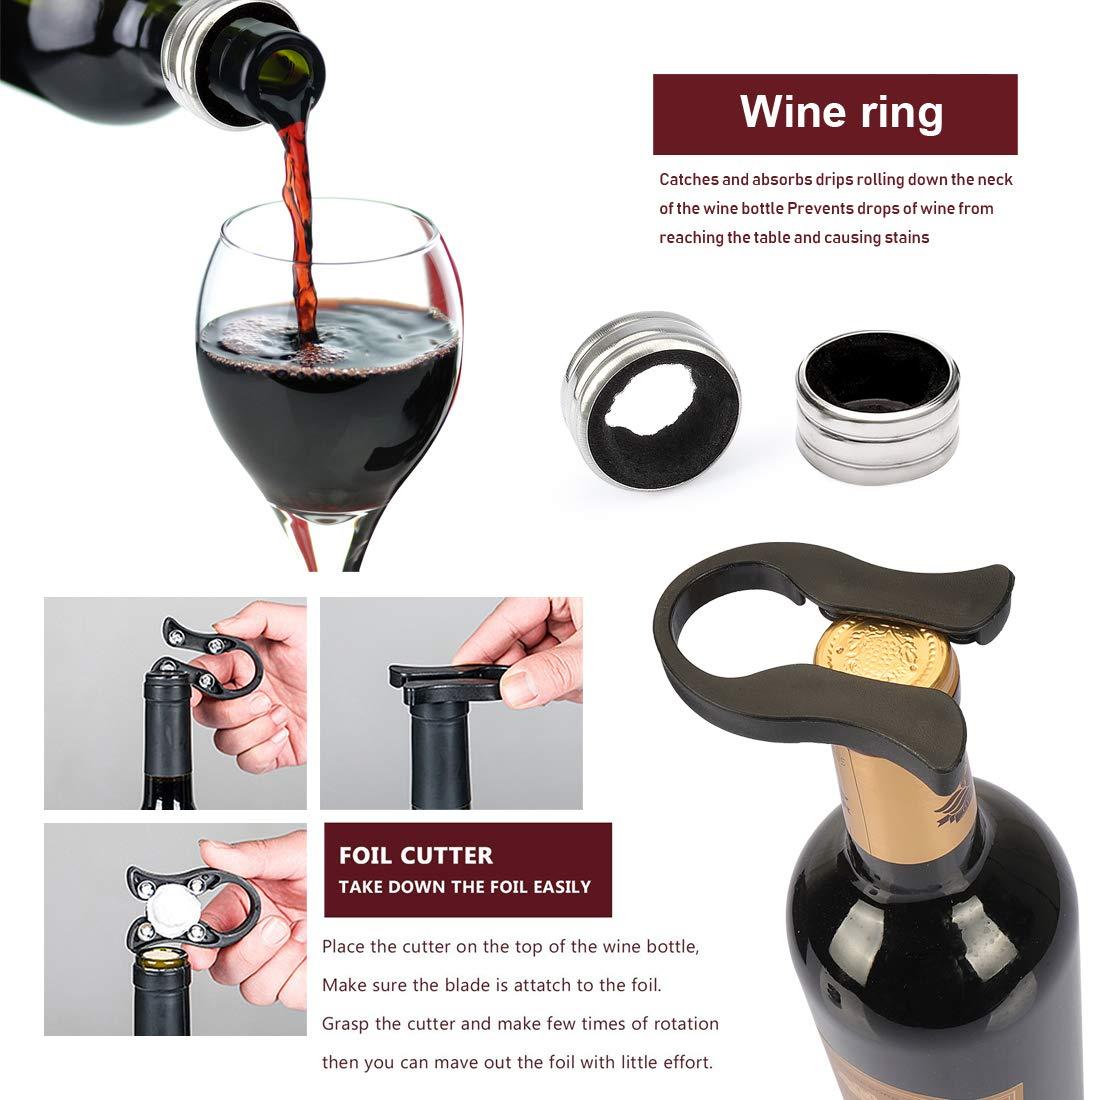 a/érateur de vin Coffret cadeau Tire-bouchon de vin bouteille de vin Opener kit Wine Saver Bouchon Yobansa/® Bambou Bo/îte /à vin Opener Jeu d/échecs de lapin Ensemble daccessoires de vin